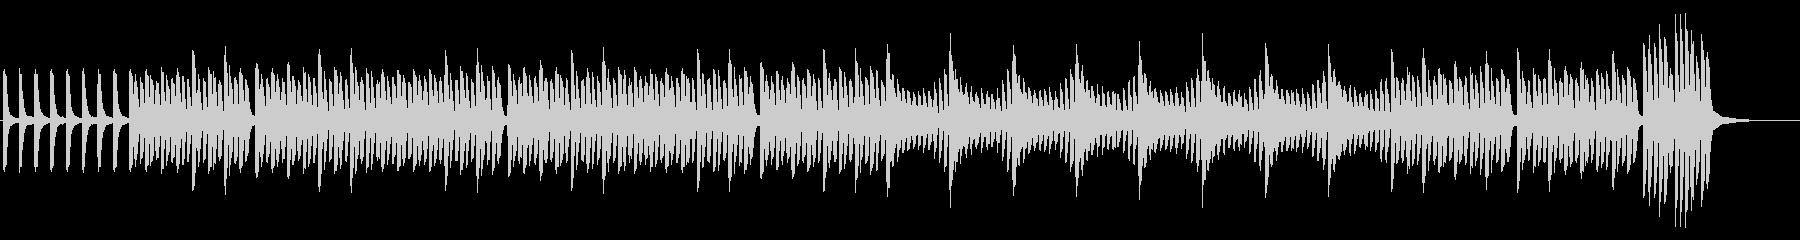 【ピアノのみ】力強くアカデミックな雰囲気の未再生の波形